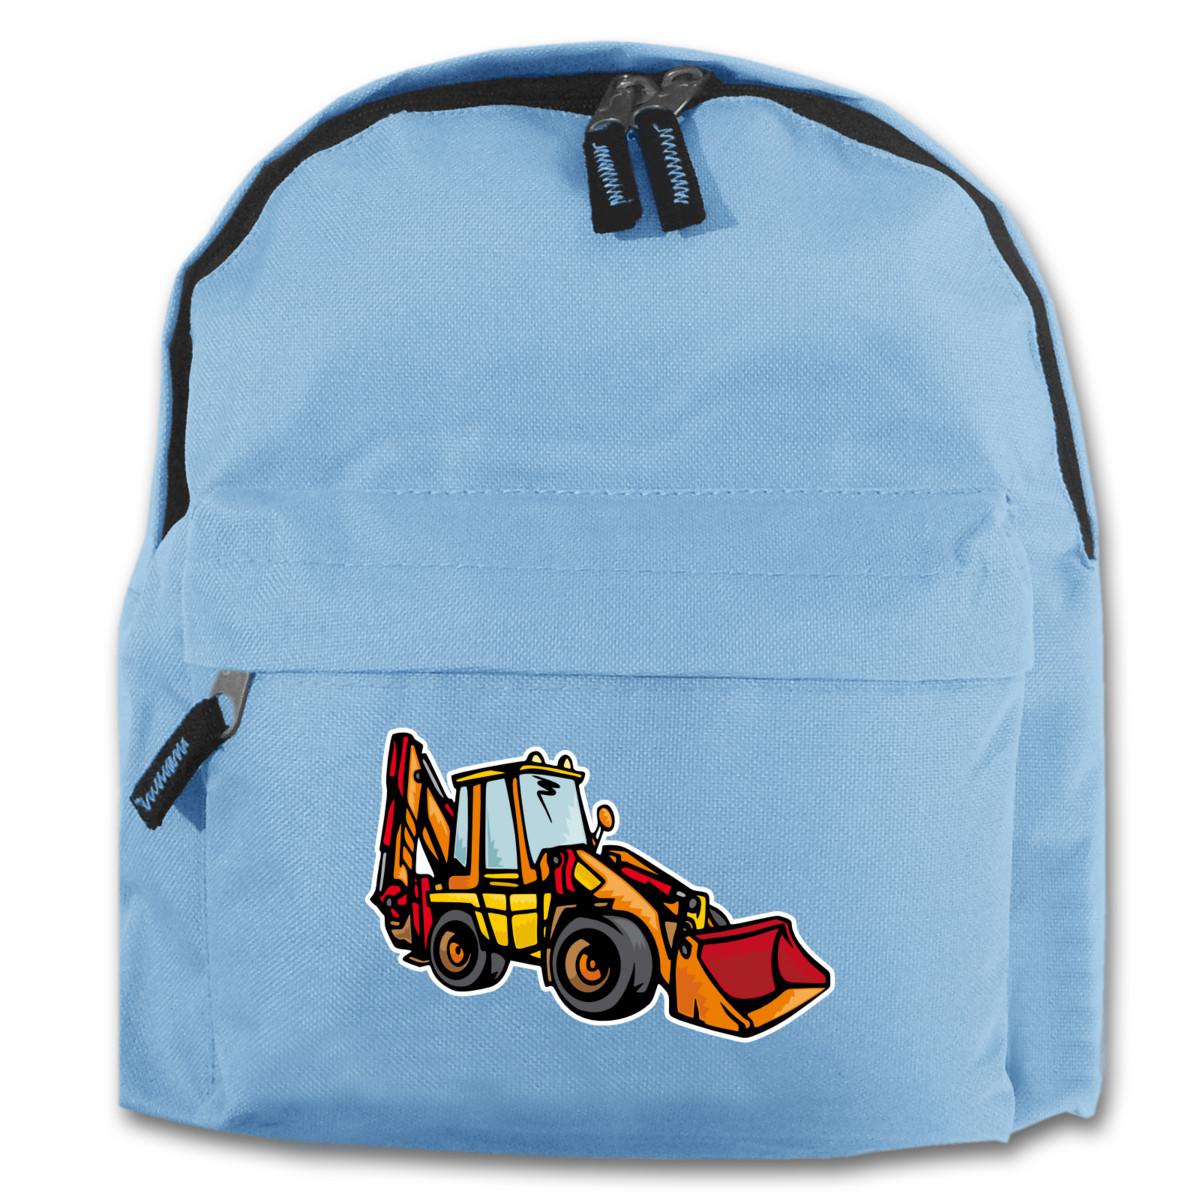 kinder rucksack baggerlader f r schule und freizeit 7 farben 25x30x12 cm ebay. Black Bedroom Furniture Sets. Home Design Ideas